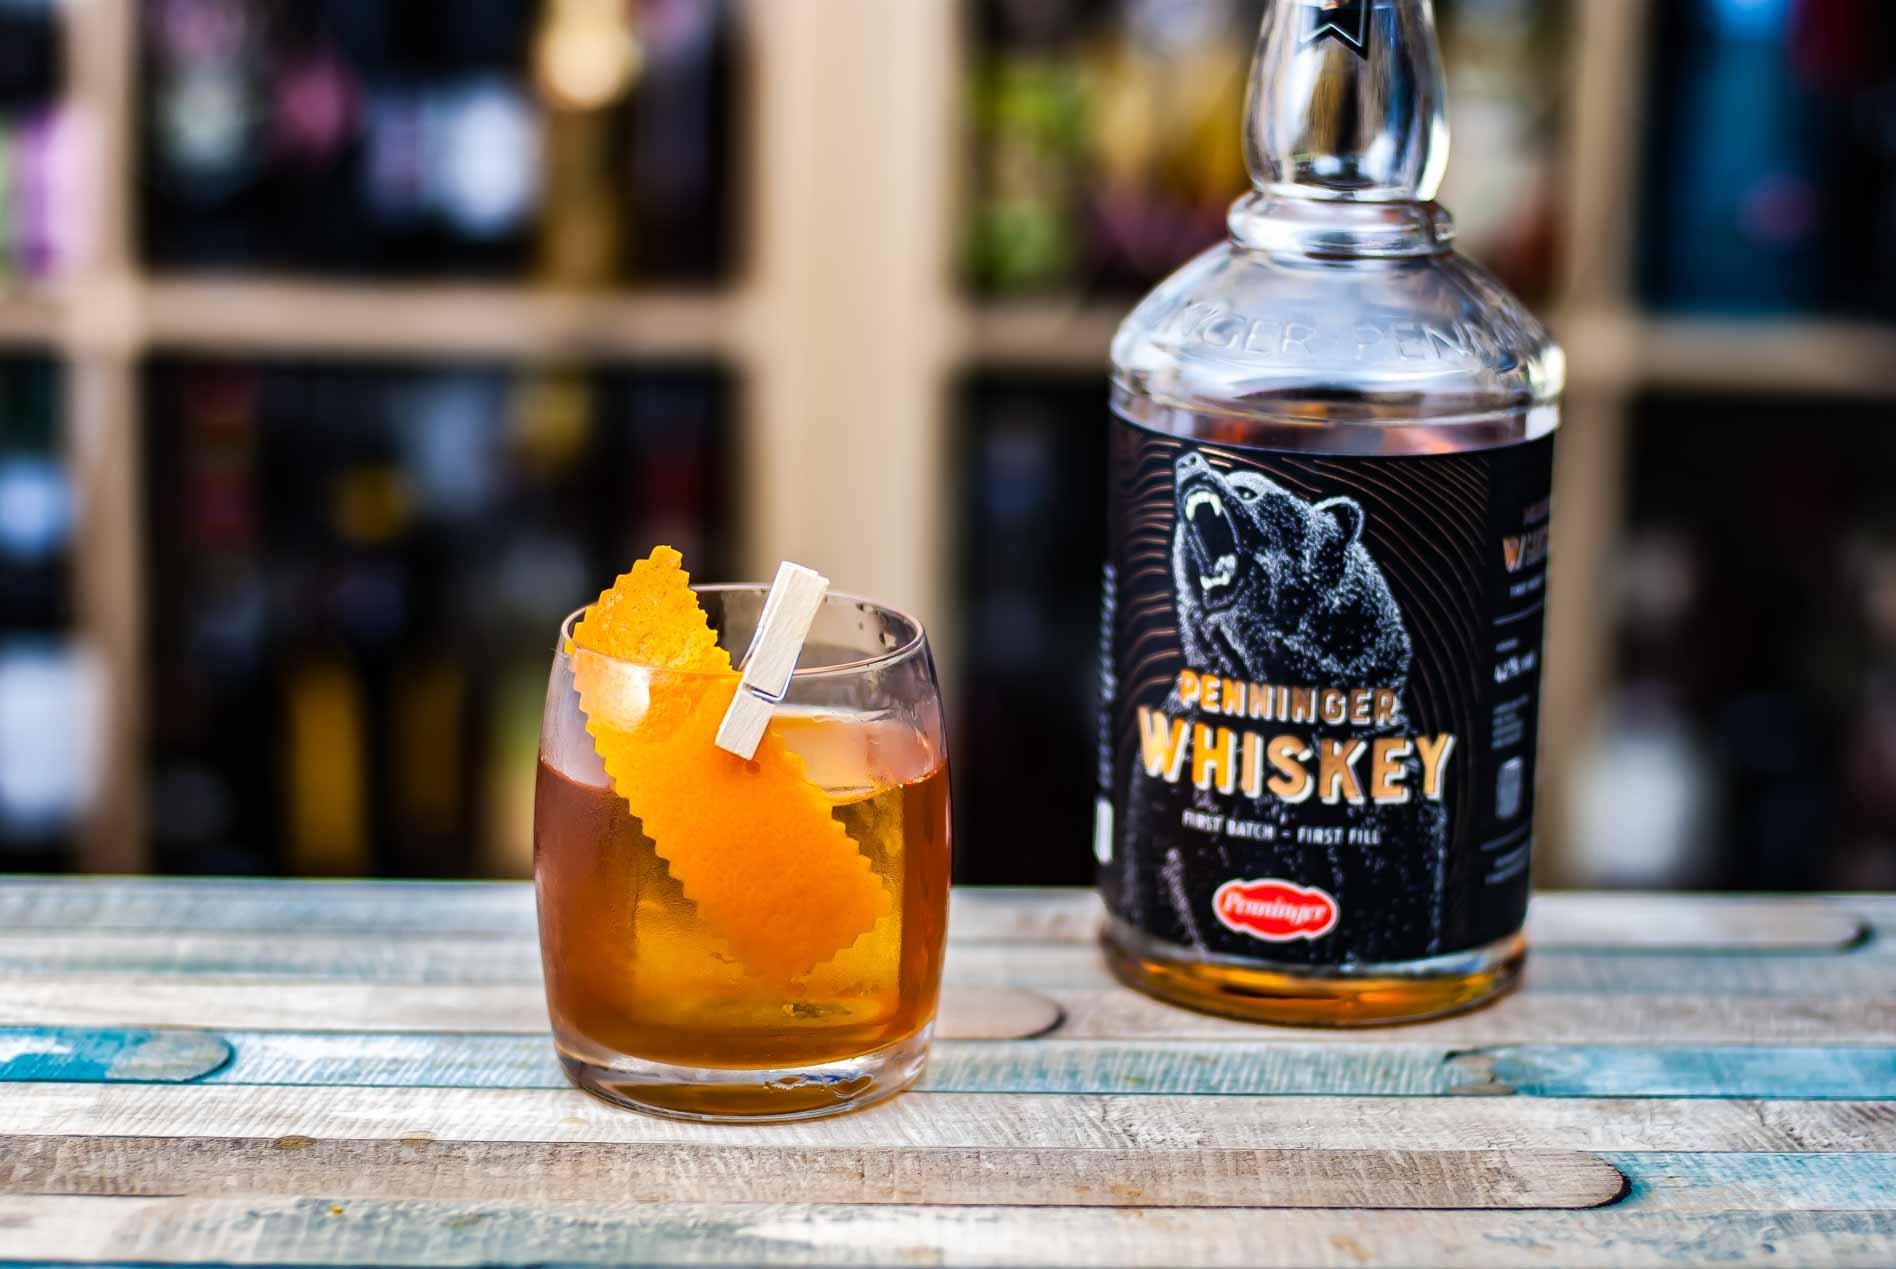 Penninger Whiskey in einer Kräuter-Variante des Boulevardier-Cocktails mit A